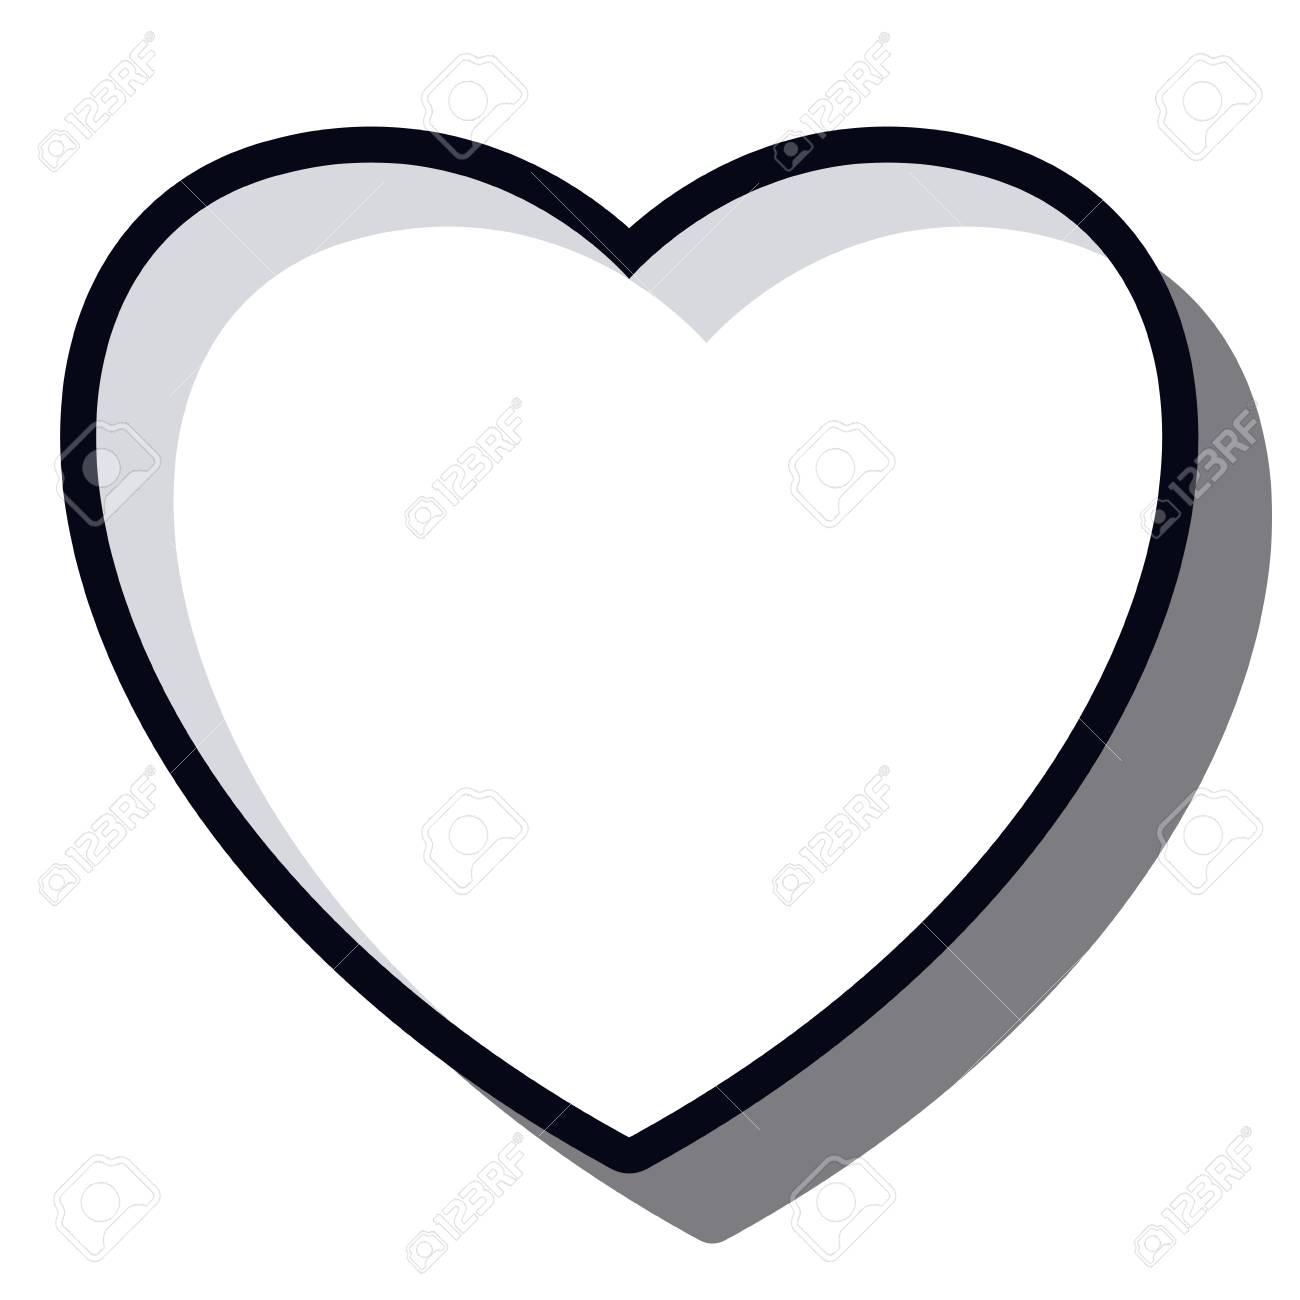 Icono De Corazón En Blanco Y Negro El Amor Y El Tema Romántico